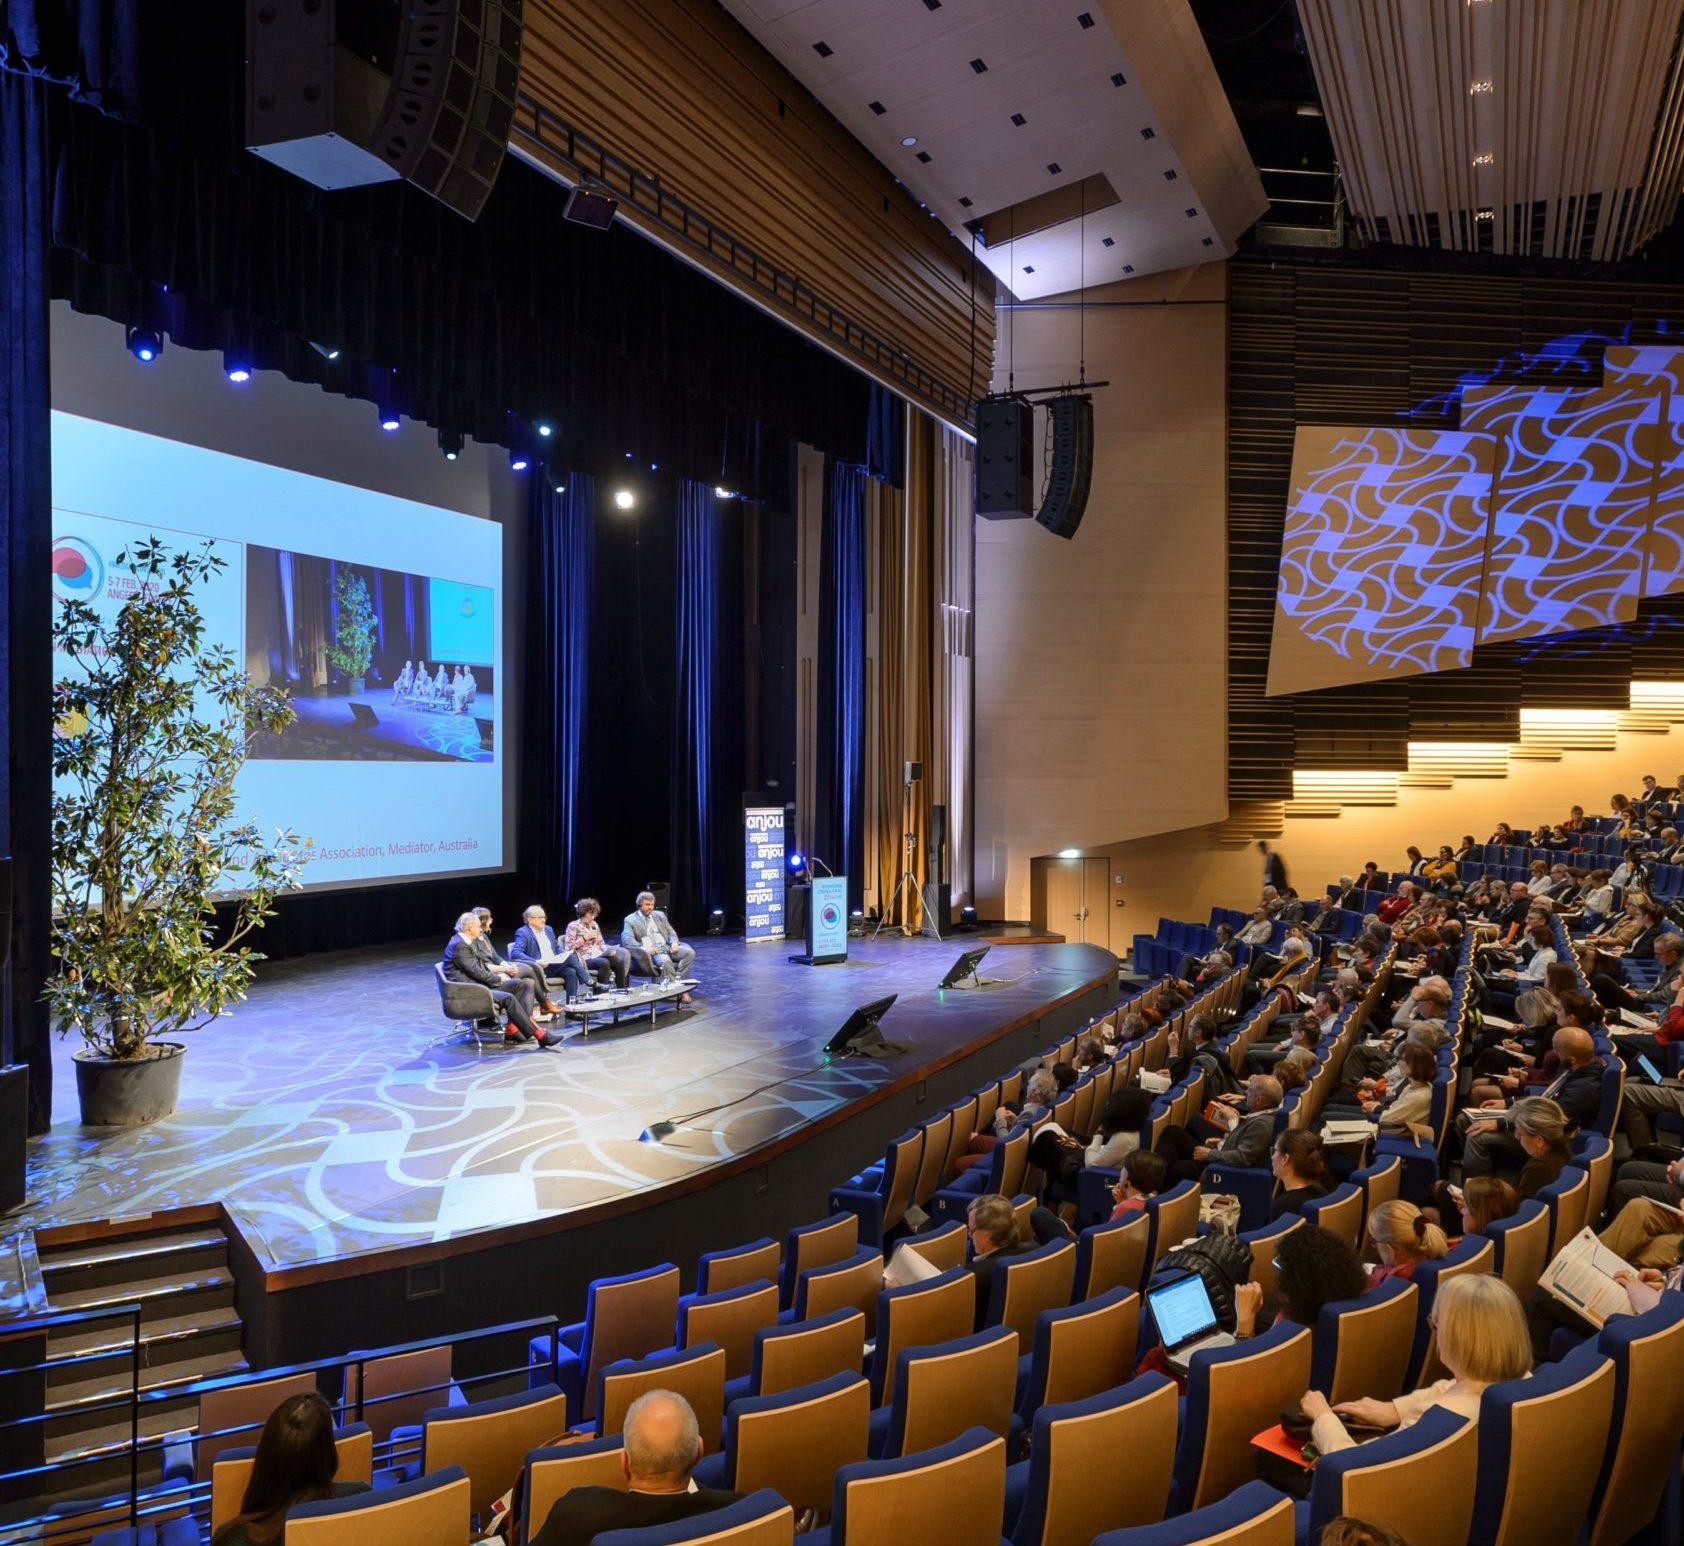 Congrès médiation Angers - crédit photo : Destination Angers